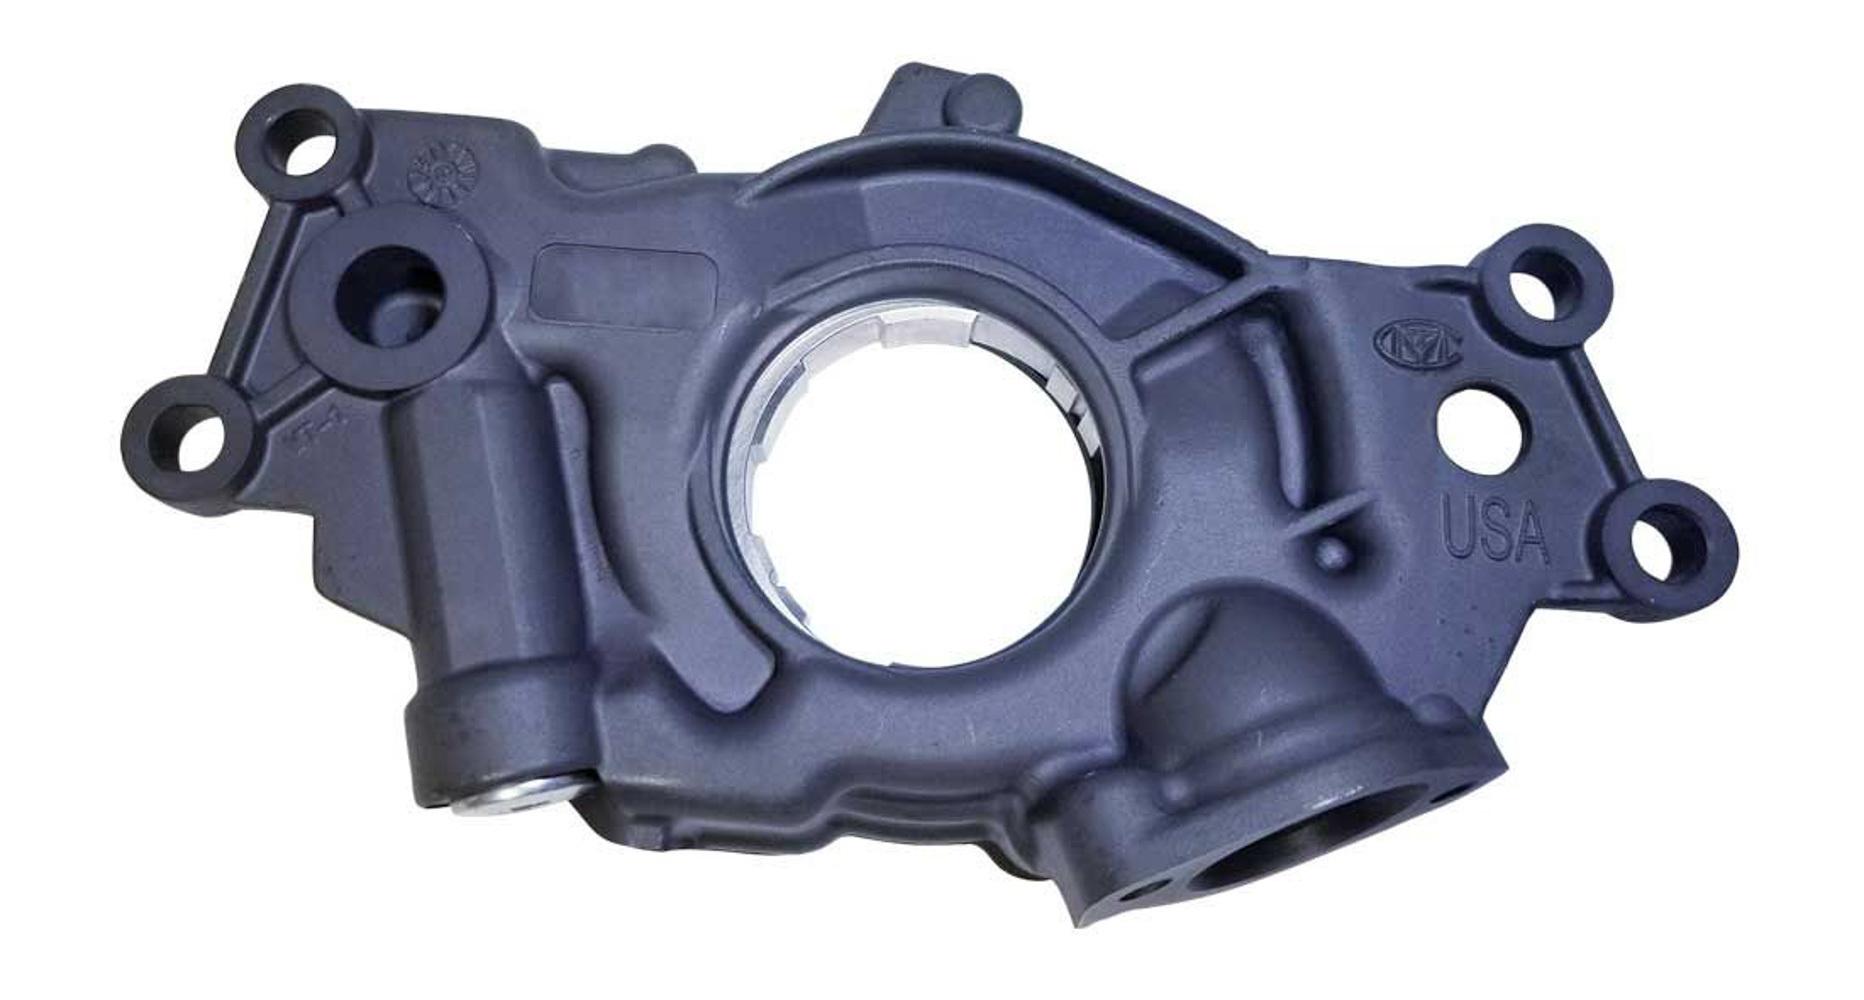 Moroso 22121 Oil Pump, Wet Sump, Internal, High Volume, High Pressure, GM LS-Series, Each